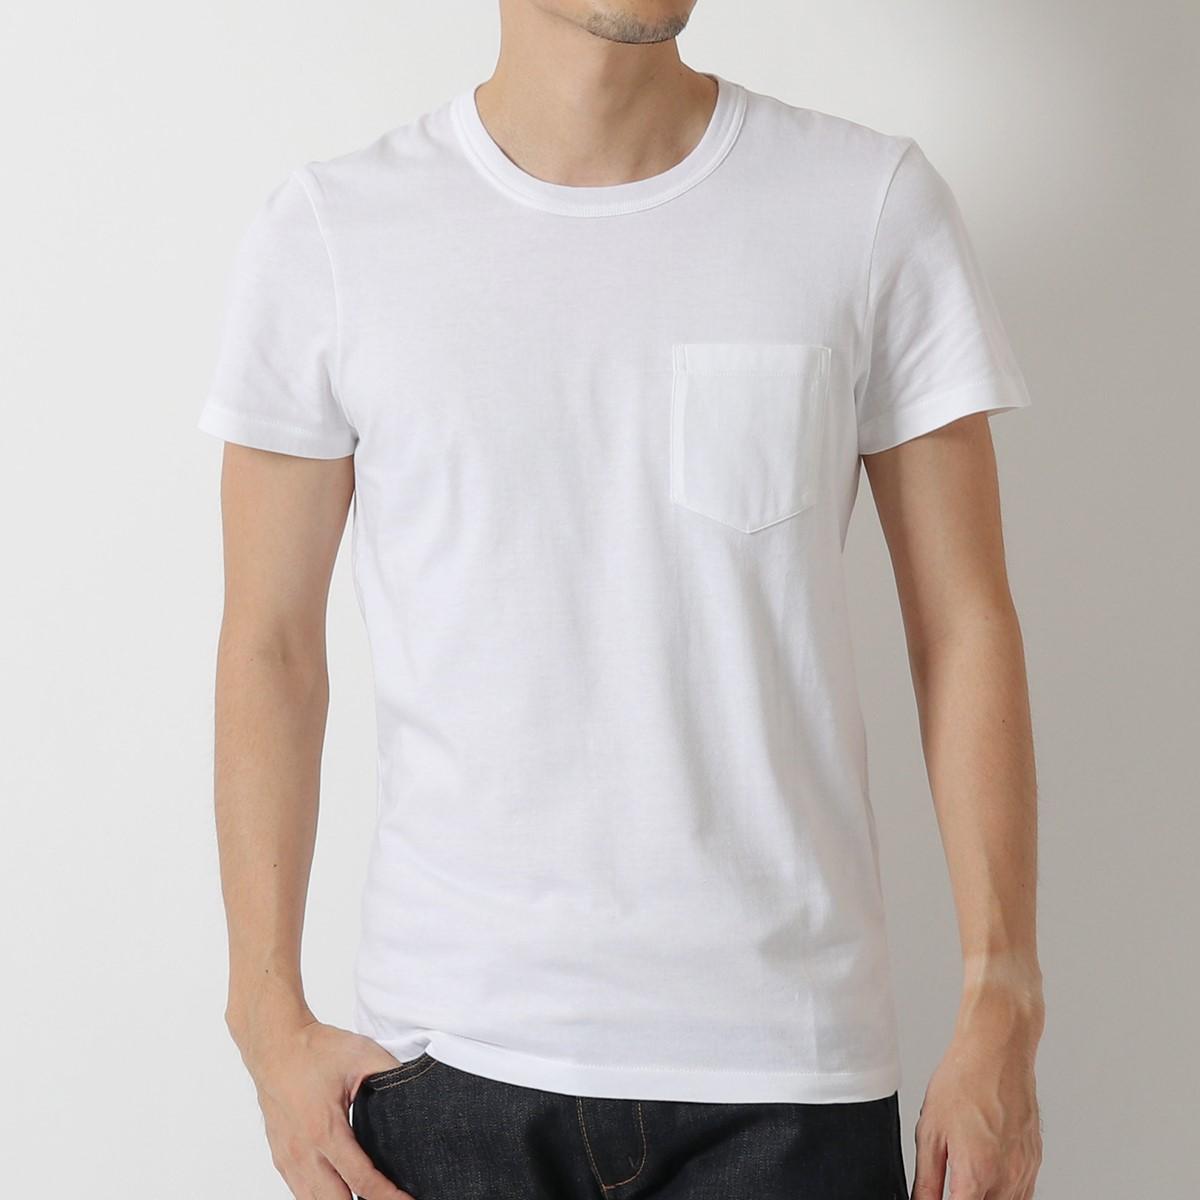 TOM FORD トムフォード BP402 TFJ902 クルーネック 半袖 Tシャツ カットソー ポケT カラーN00 メンズ